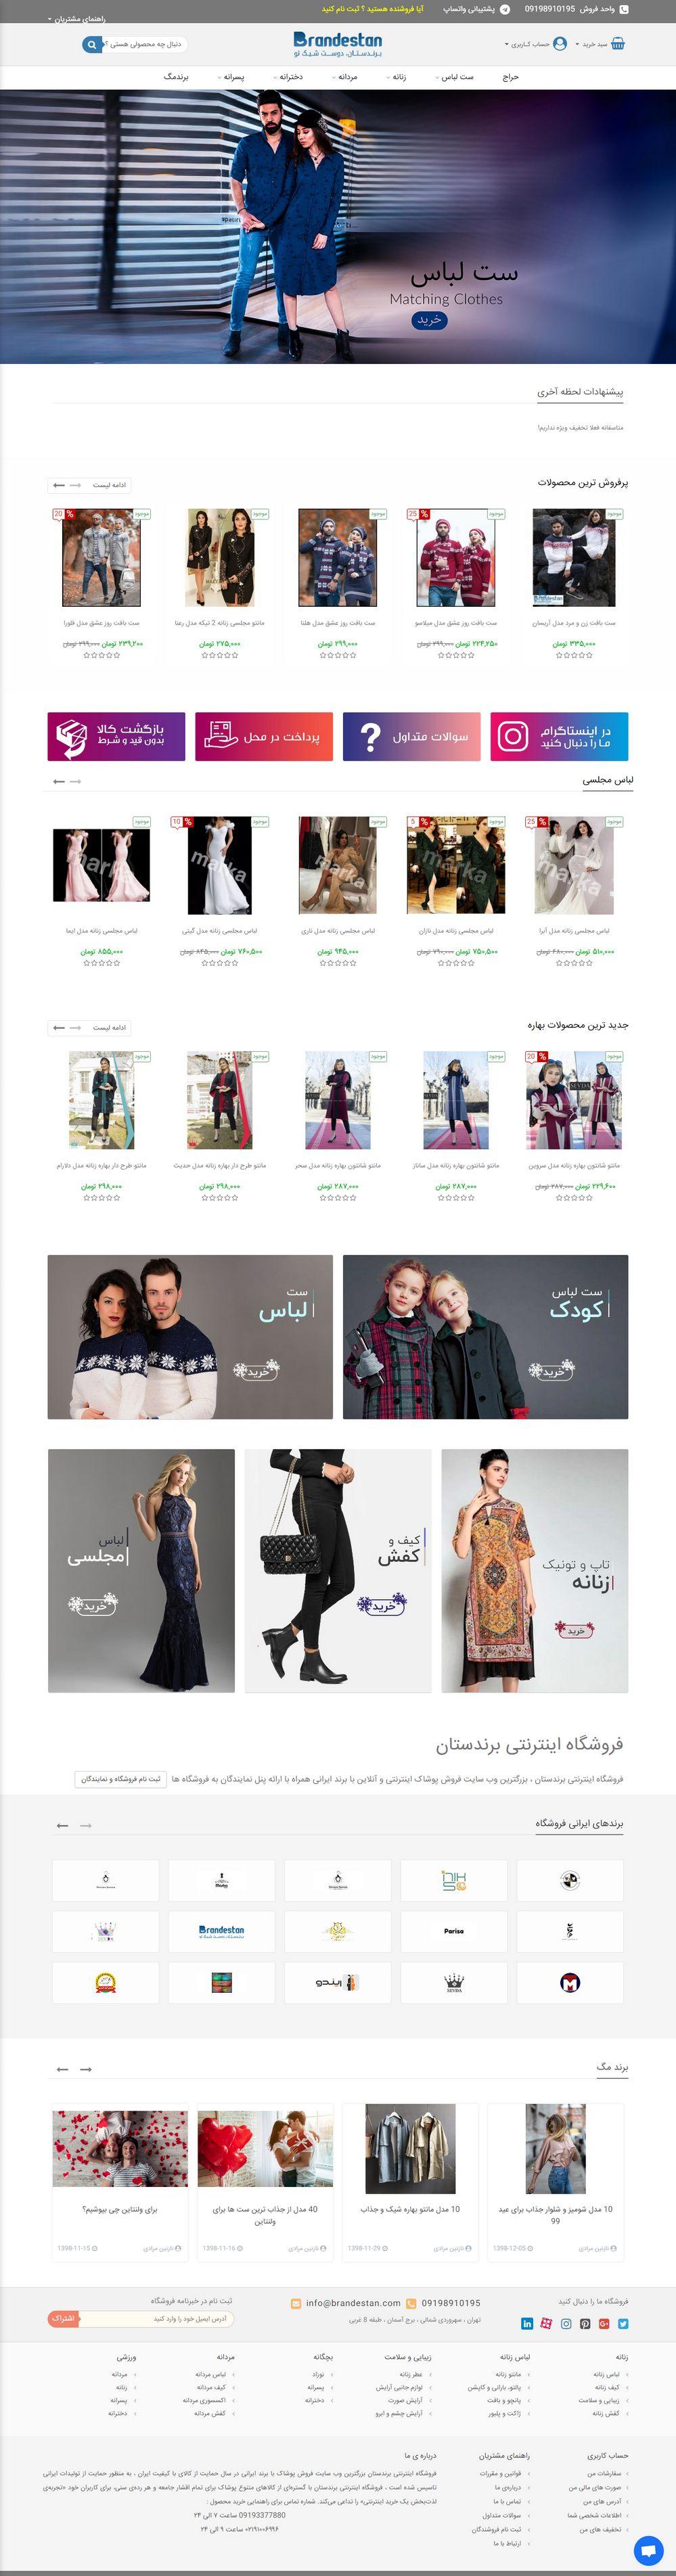 طراحی سایت و فروشگاه اینترنتی برندستان